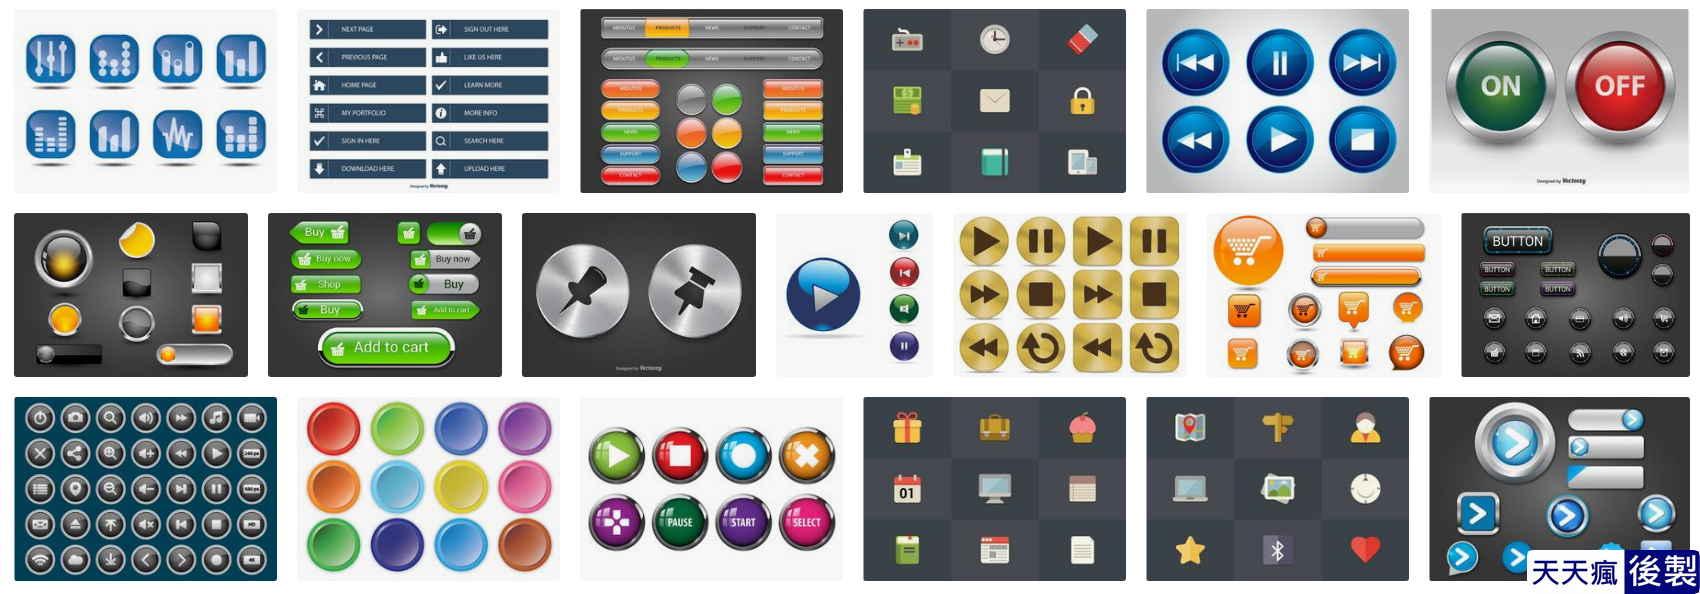 按鈕icon